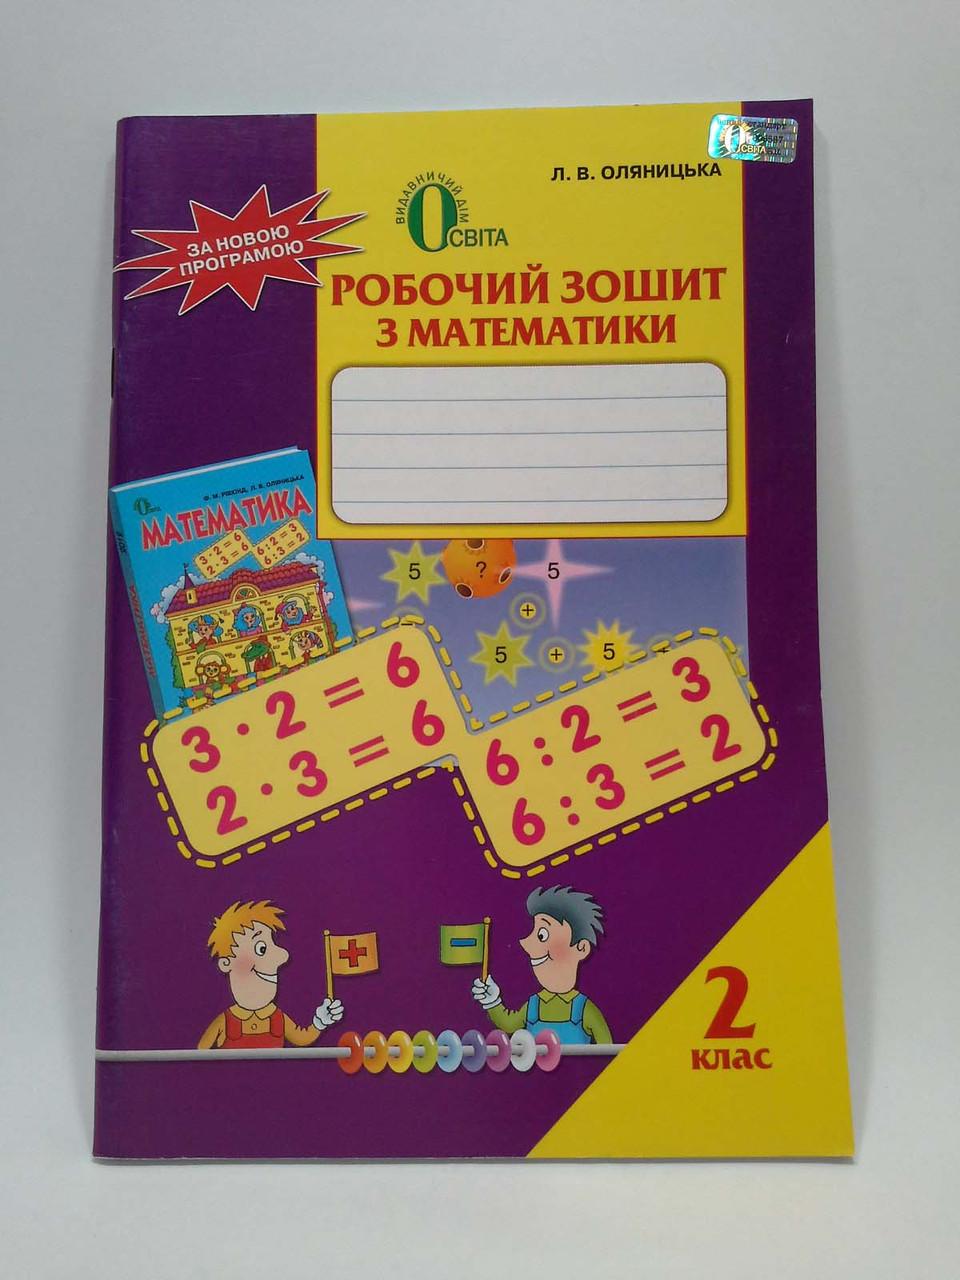 Робочий зошит Математика 2 клас Рівкінд Оляницька Освіта